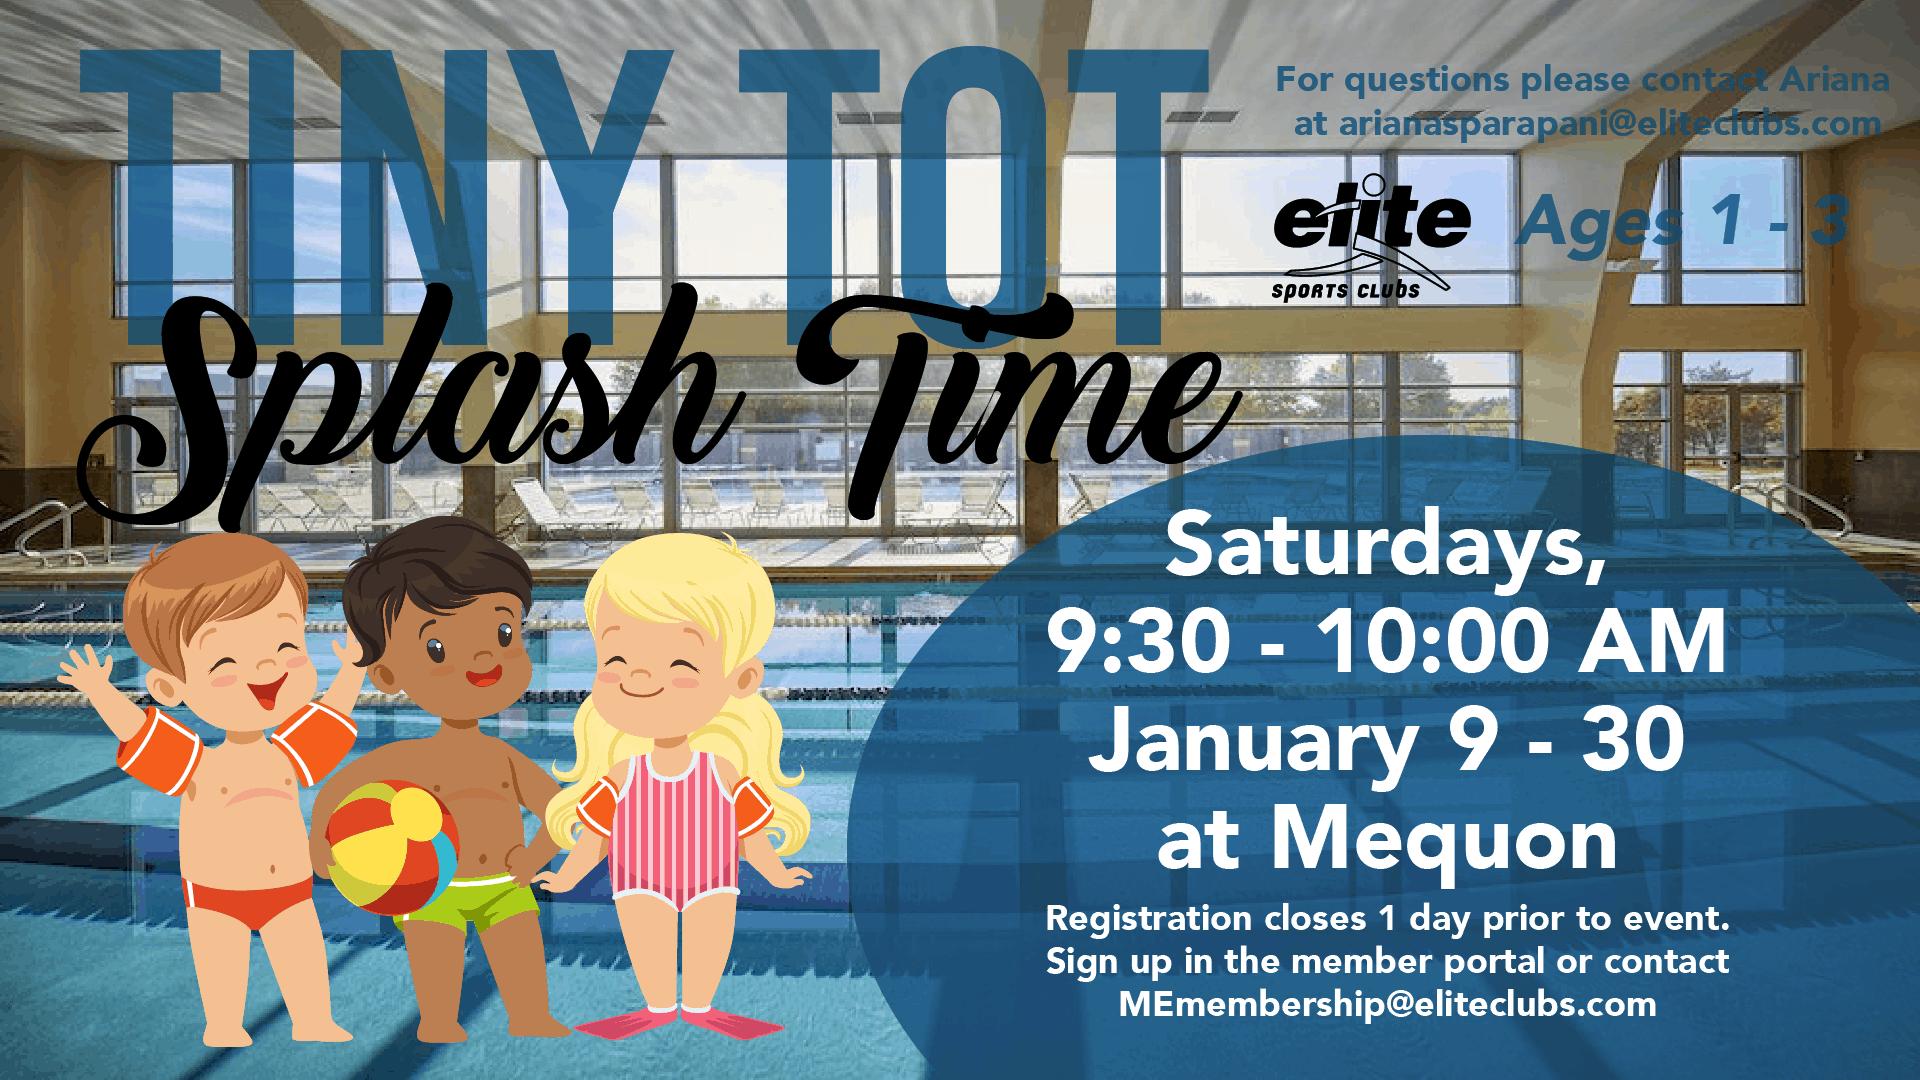 Tiny Tot Splash Time - Elite Mequon - January 2021